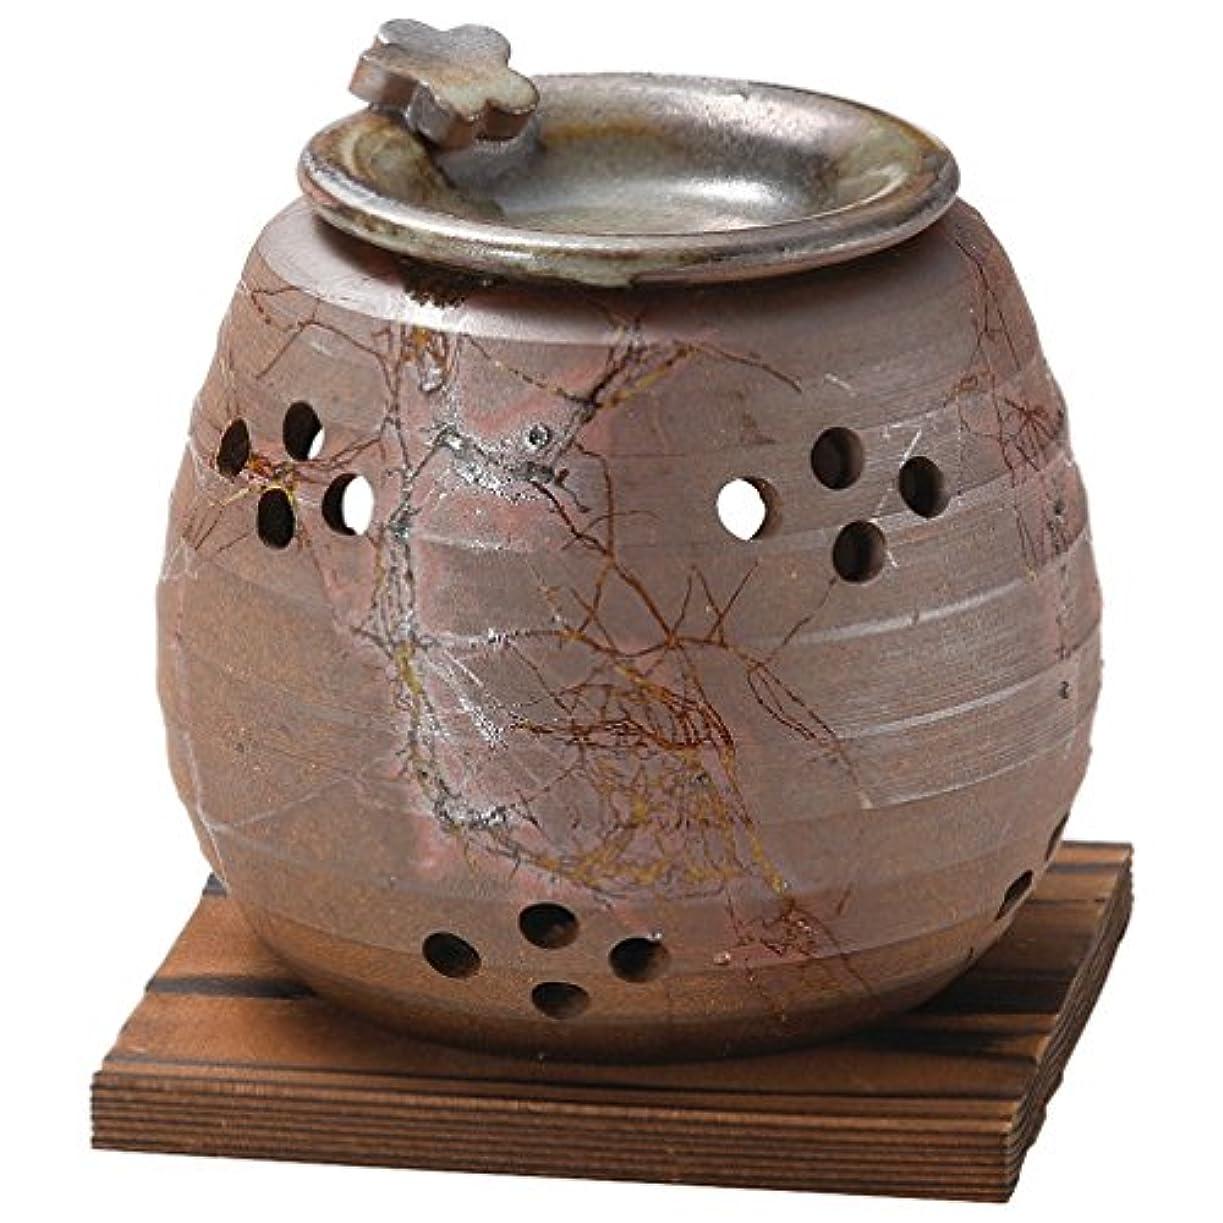 ヒゲクジラペイン夜明け山下工芸 常滑焼 石龍焼〆藻掛茶香炉 12.5×11×11cm 13045730